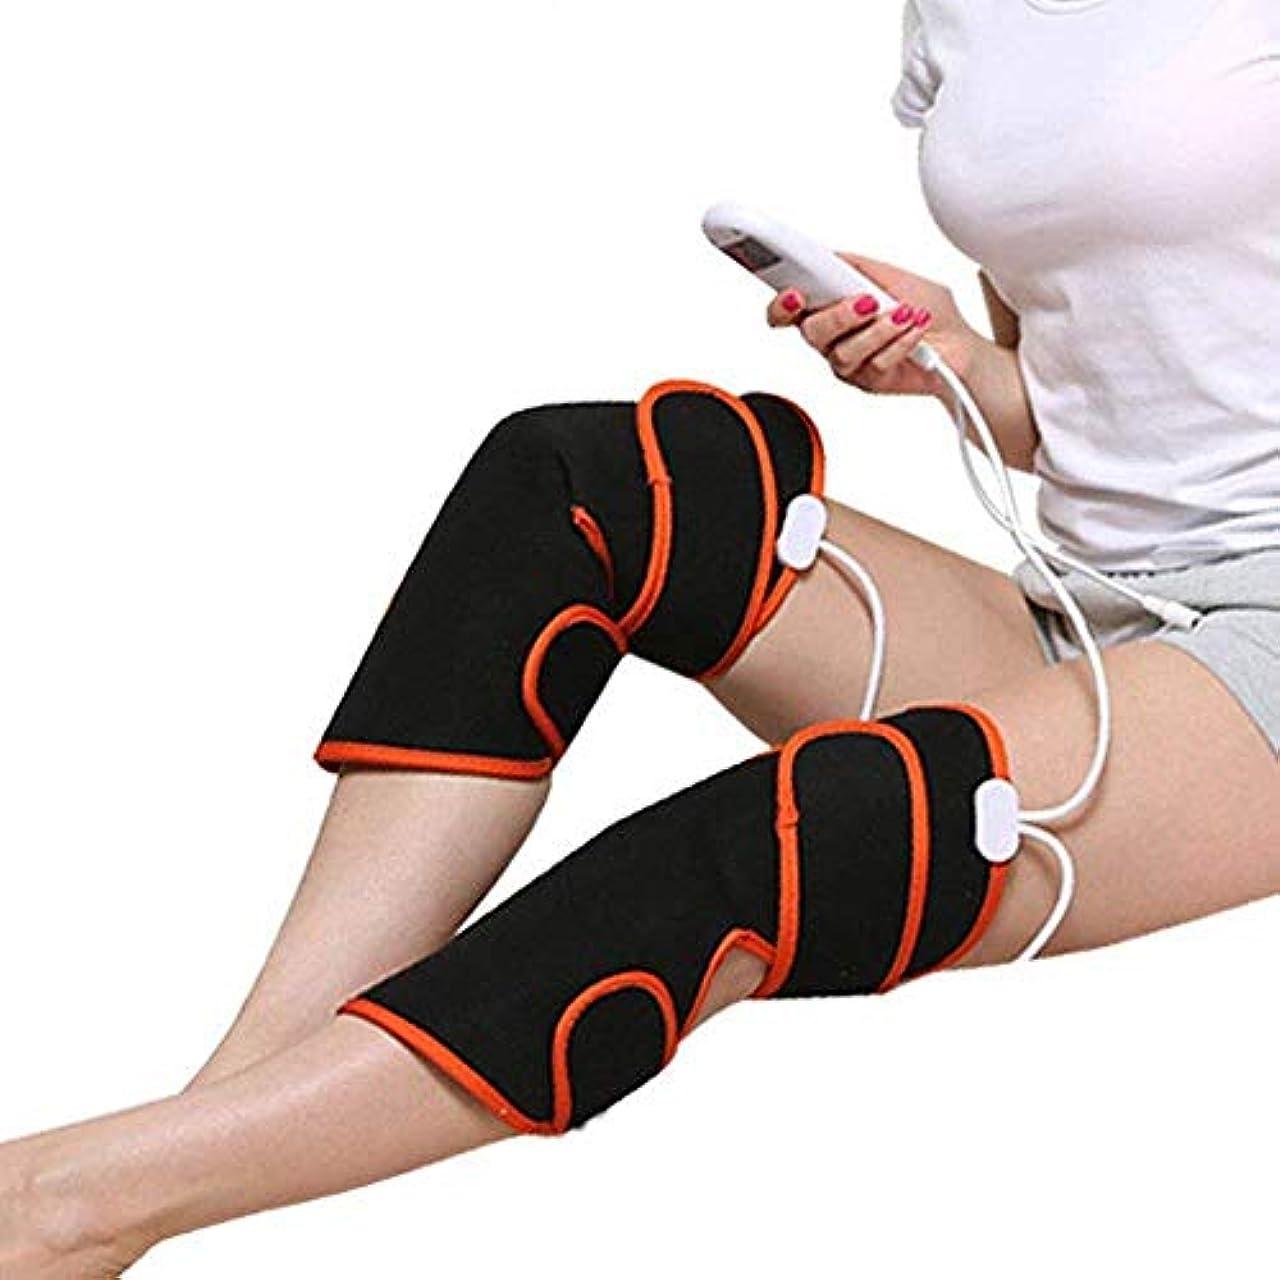 効果的栄光走るLeaTherBack エアーマッサージャー 膝マット保温セイジレッグリフレ温感機能搭載 太ももき対応